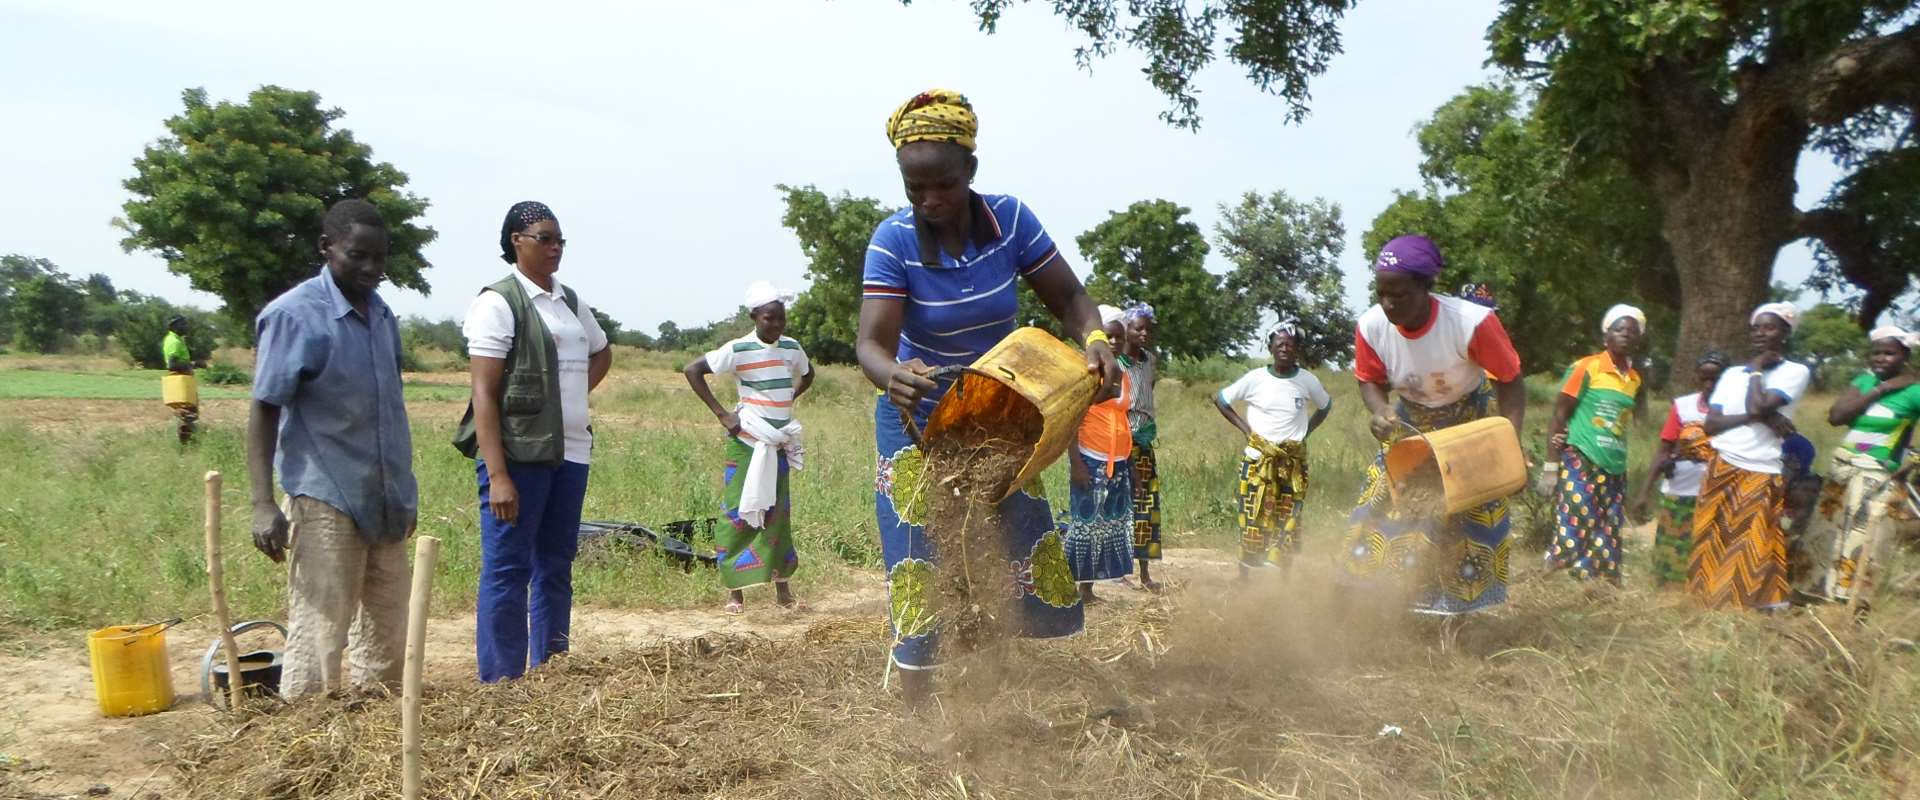 Orto_Burkina_Faso_Mani_Tese_2017